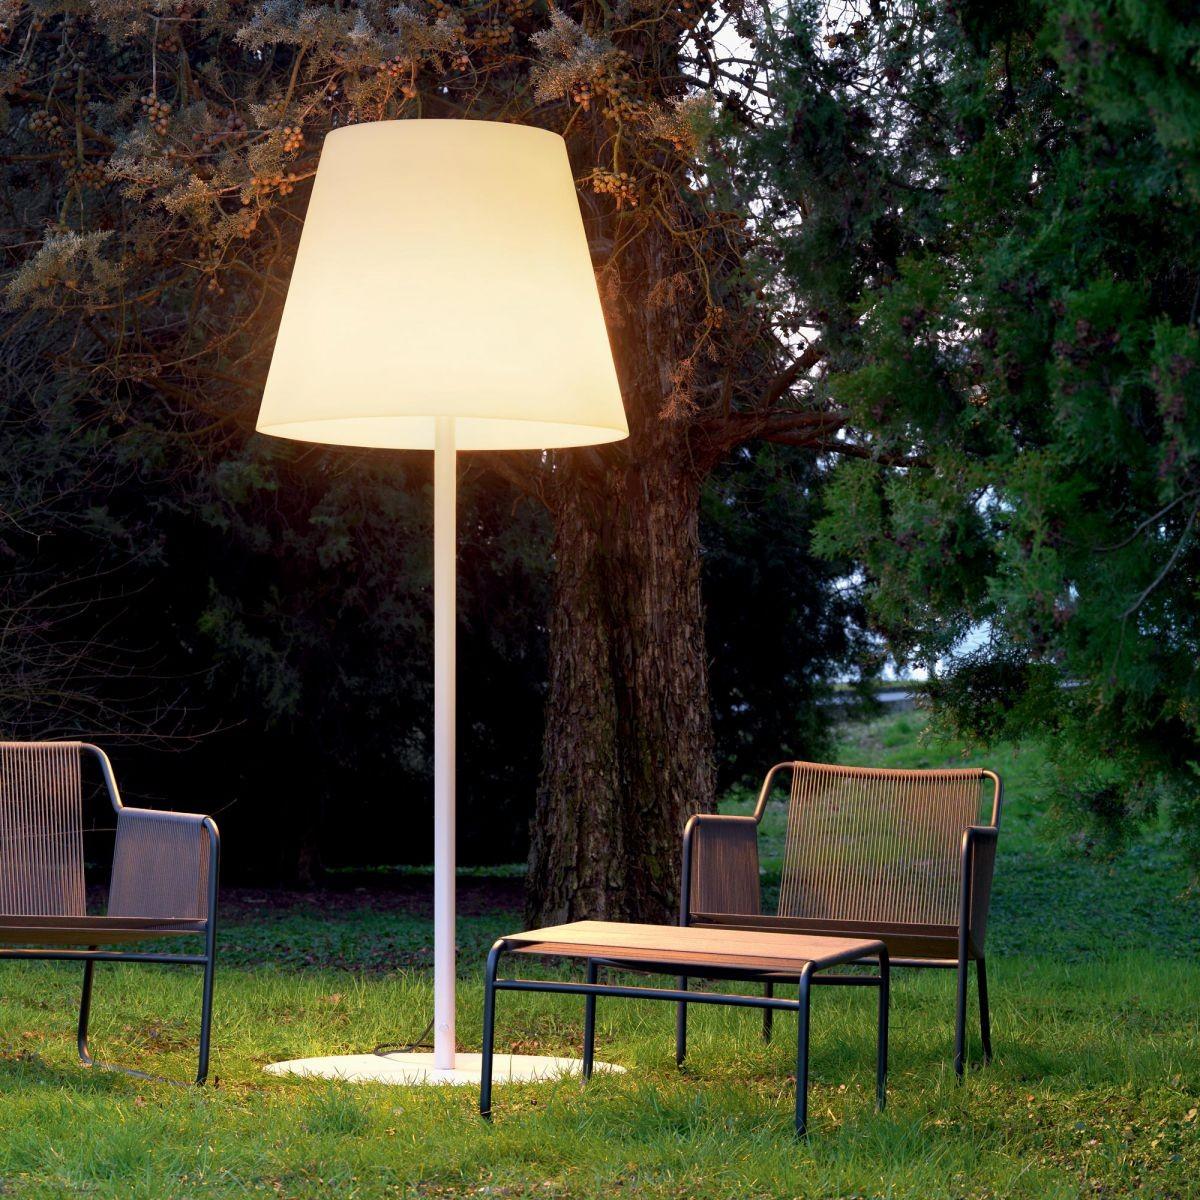 Amax Lampadaire Jardin Par Fontana Arte | Lampadaire Exterieur encequiconcerne Lampadaire De Jardin Sur Pied